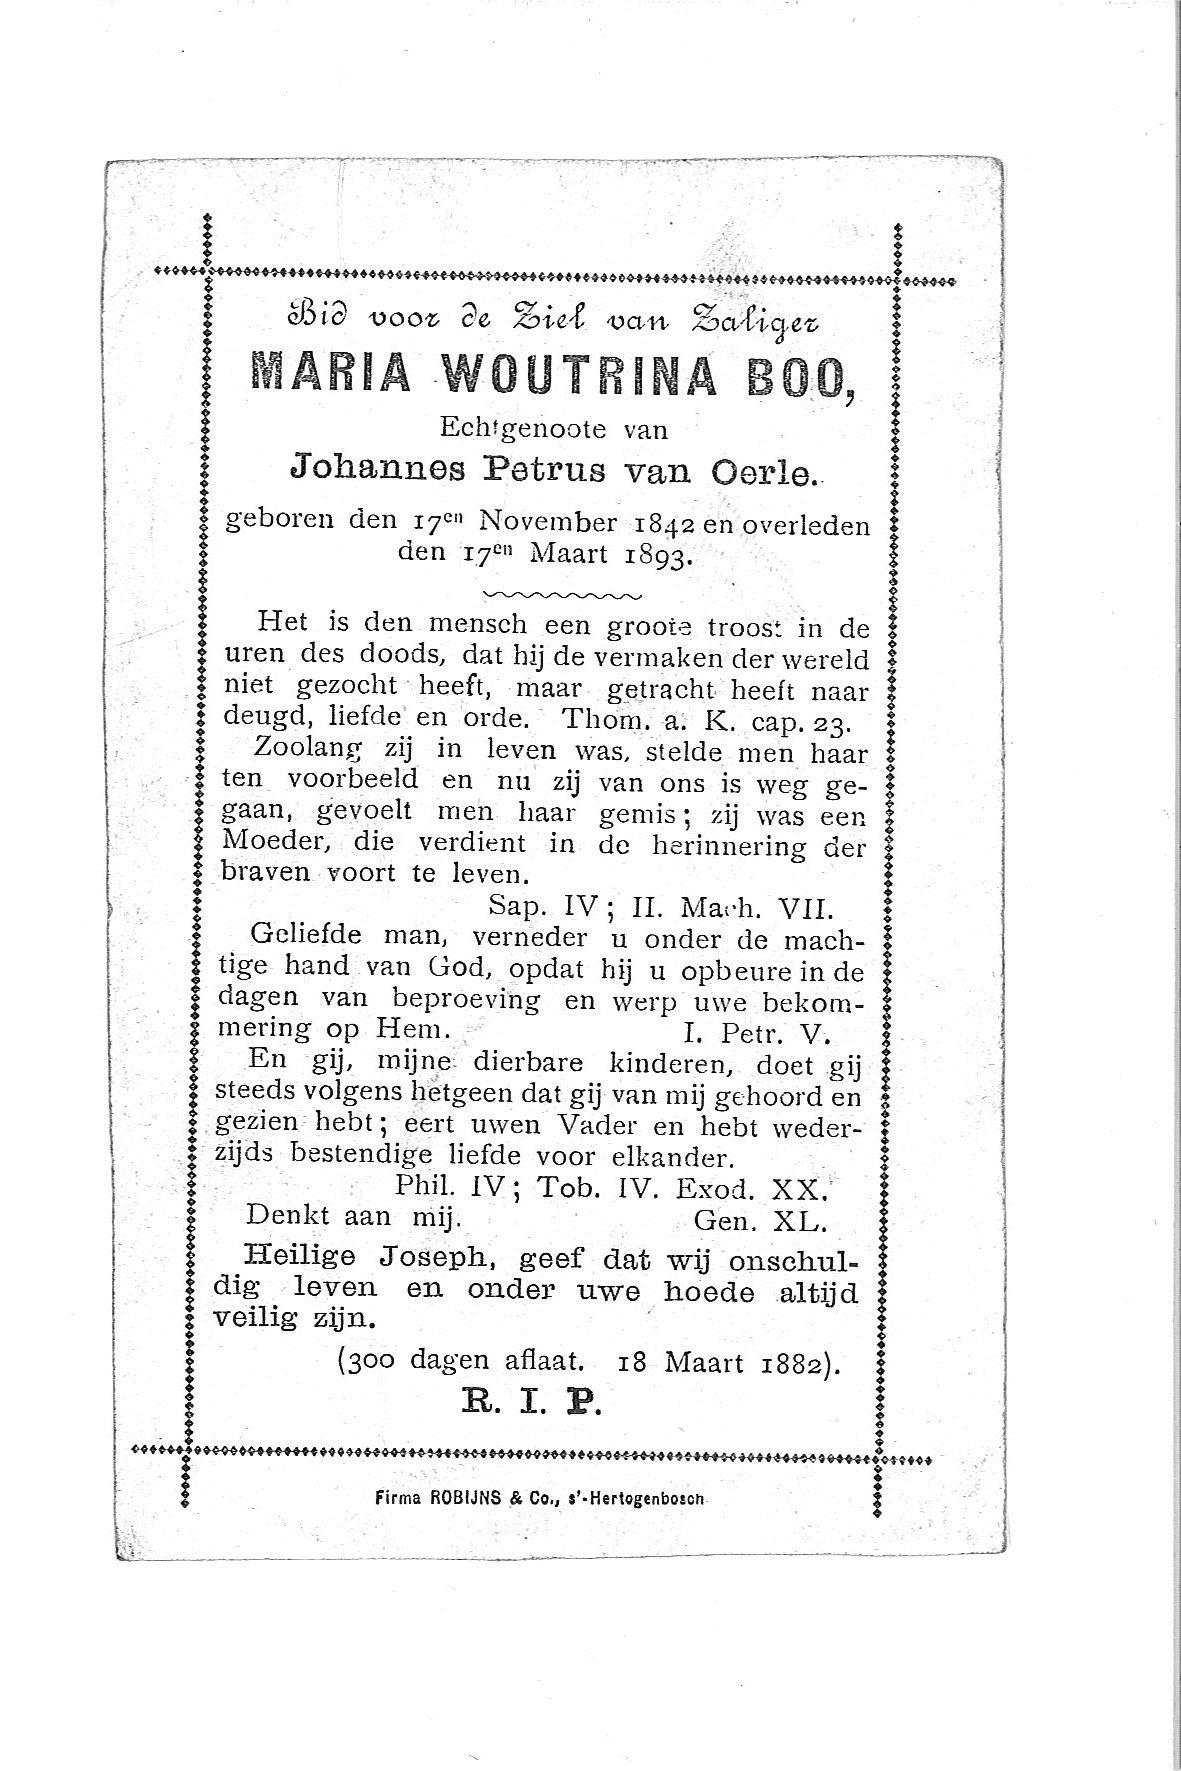 Maria-Woutrina(1894)20090821100919_00012.jpg